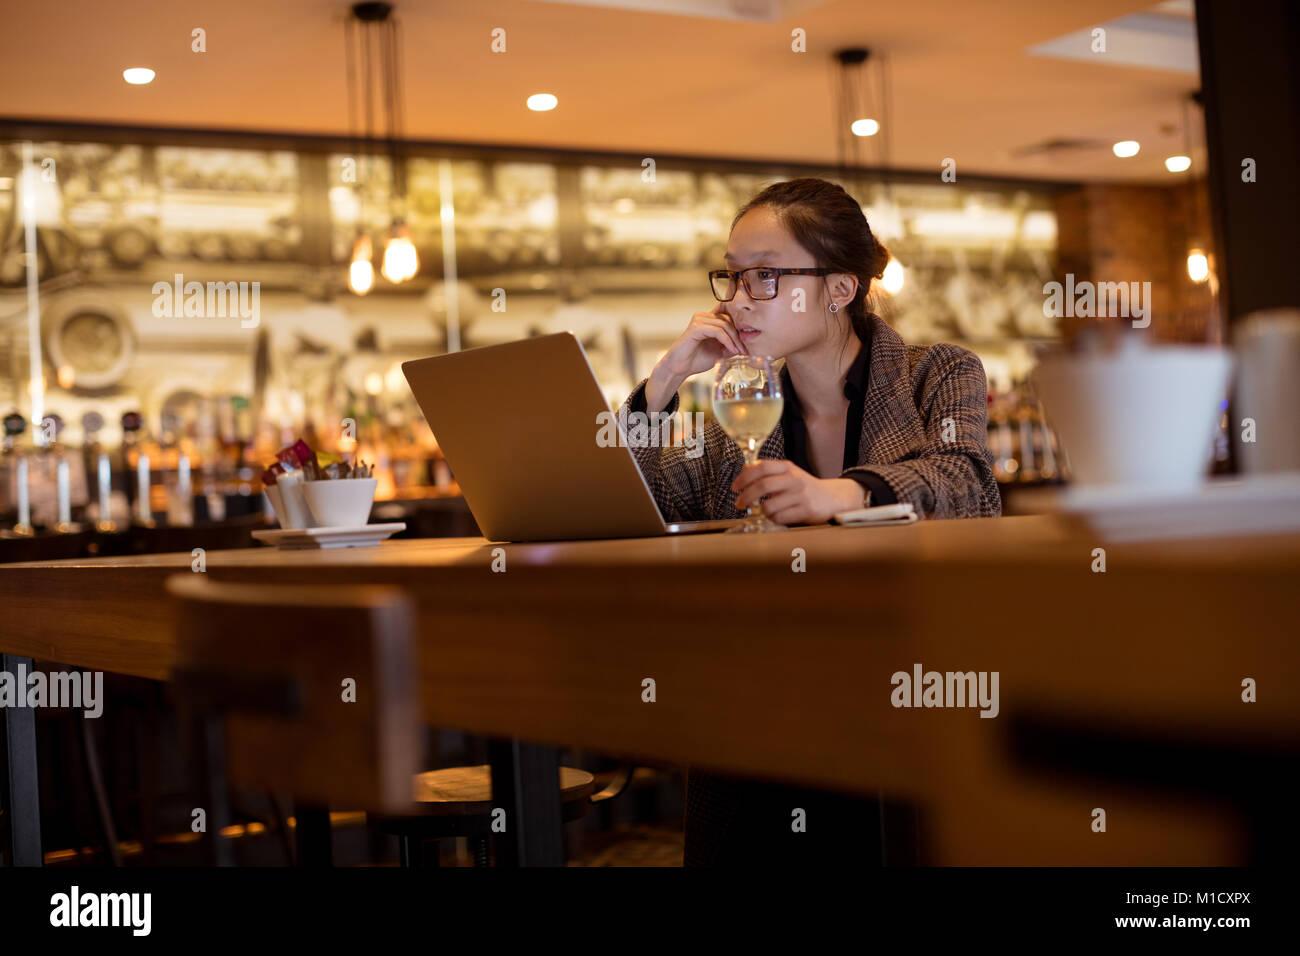 Female executive using laptop while having wine - Stock Image